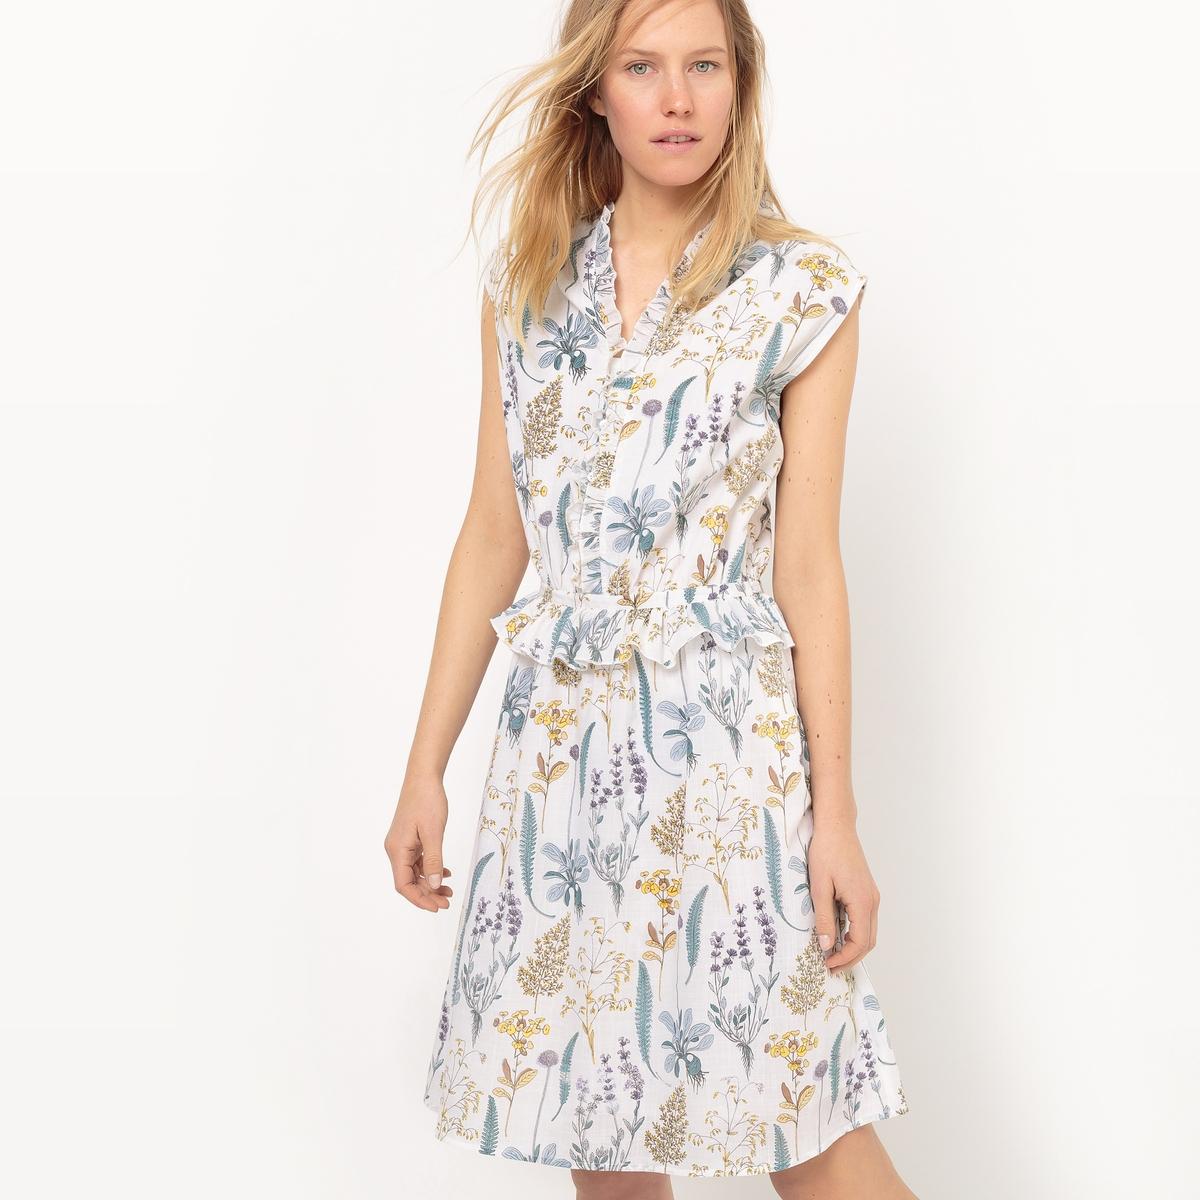 Платье длинное без рукавов, с воланамиМатериал : 100% хлопок       Длина рукава : без рукавов       Форма воротника : V-образный вырез      Покрой платья : расклешенное платье      Рисунок : цветочный       Особенность платья : волан      Длина платья : длинная      Стирка : машинная стирка при 30 °С в деликатном режиме      Уход: : сухая чистка и отбеливание запрещены      Машинная сушка : запрещена      Глажка : при умеренной температуре<br><br>Цвет: цветочный рисунок<br>Размер: 34 (FR) - 40 (RUS).48 (FR) - 54 (RUS).46 (FR) - 52 (RUS).44 (FR) - 50 (RUS).42 (FR) - 48 (RUS).40 (FR) - 46 (RUS).38 (FR) - 44 (RUS).36 (FR) - 42 (RUS)